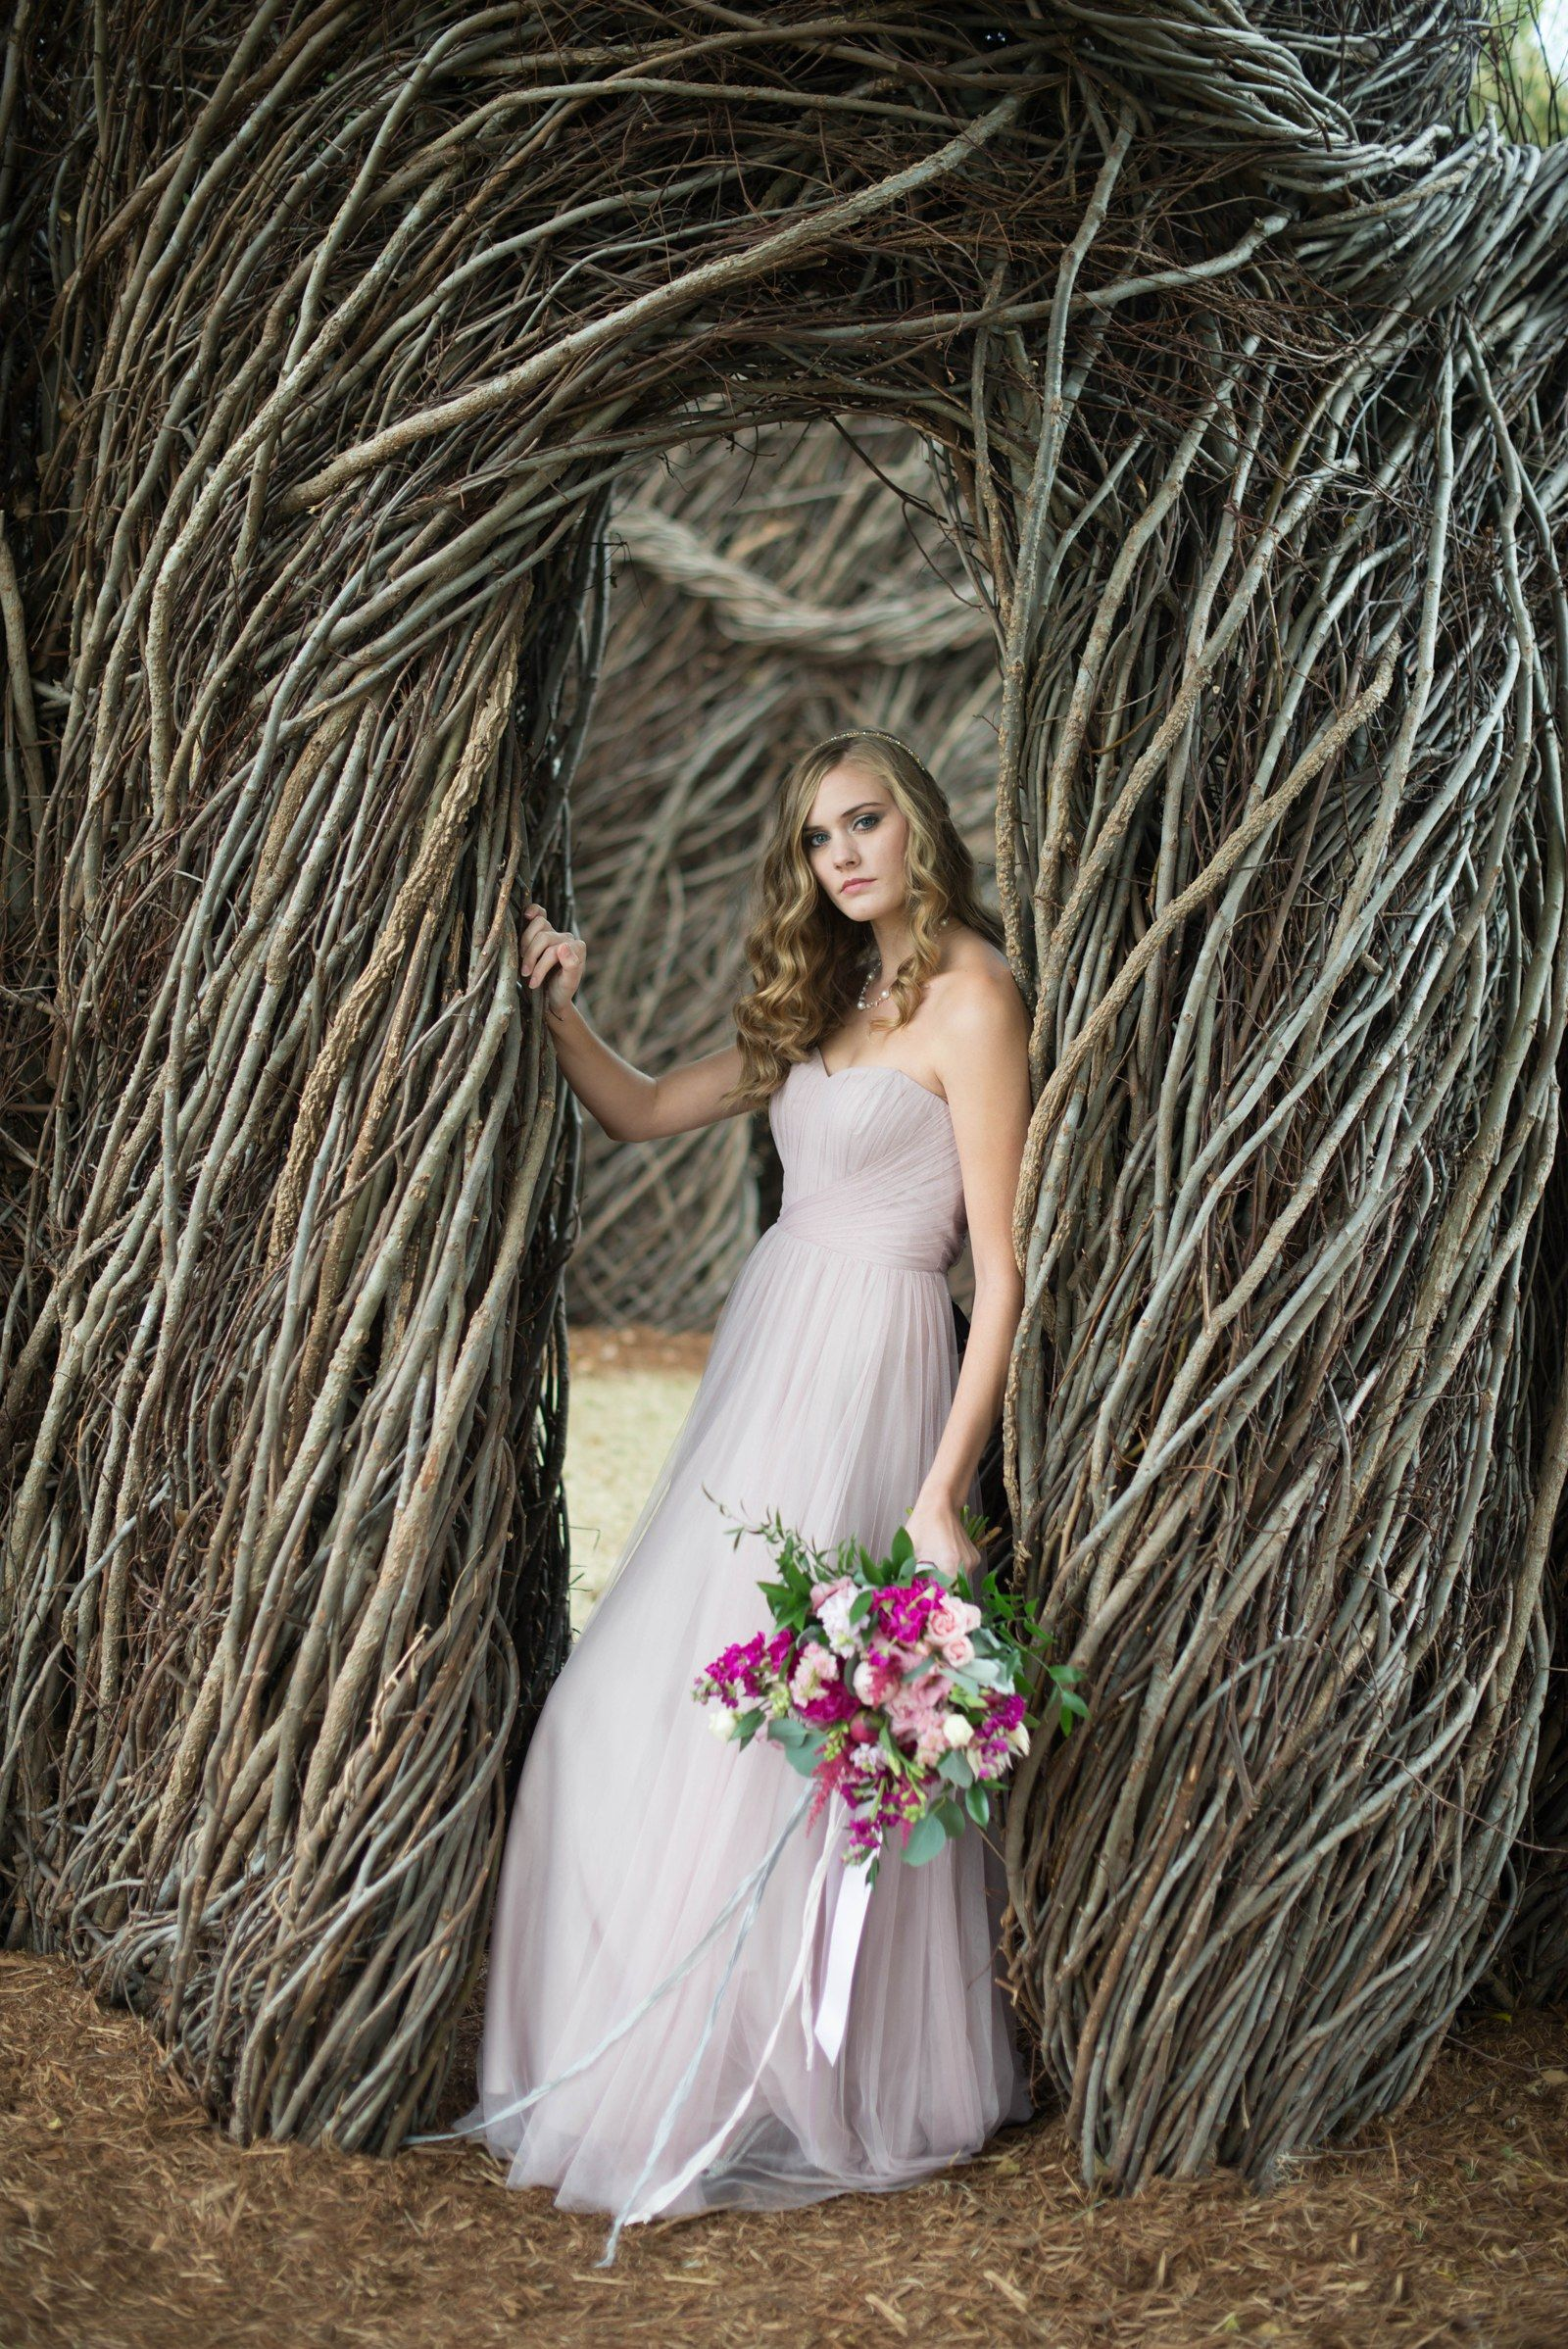 Contact Beautiful bridal makeup, Bride, Bridal makeup